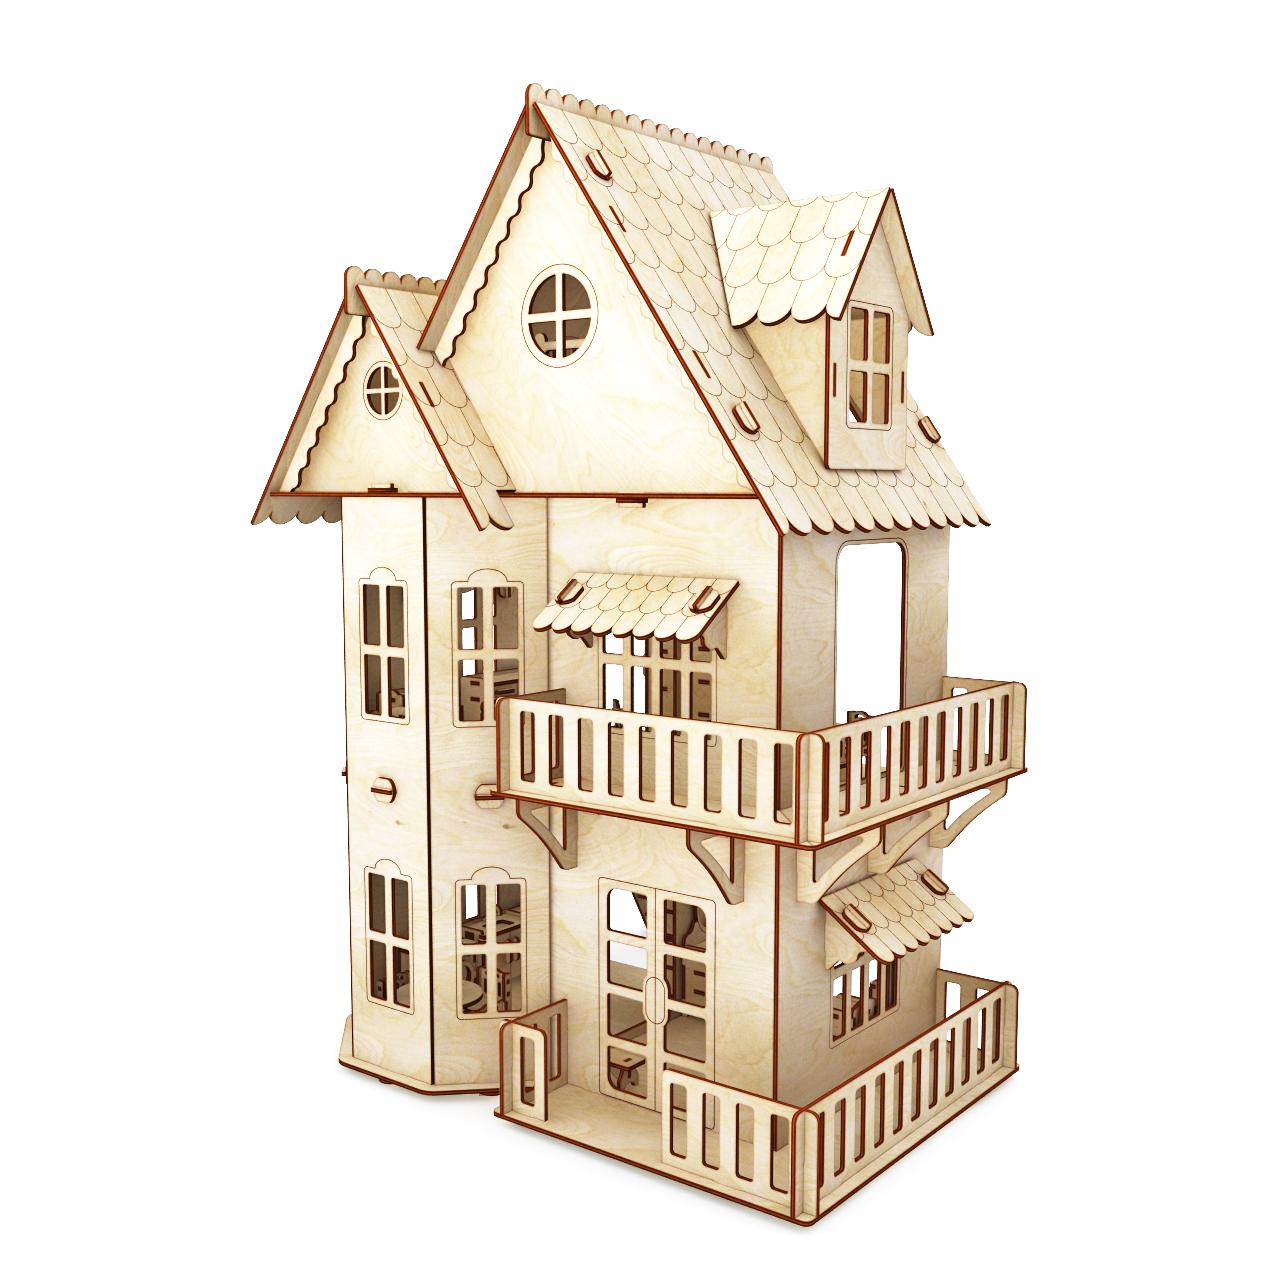 Сбор заказов. Пермская деревянная игрушка кукольные домики и мебель, метрики, интерьерные слова. Есть новогодние